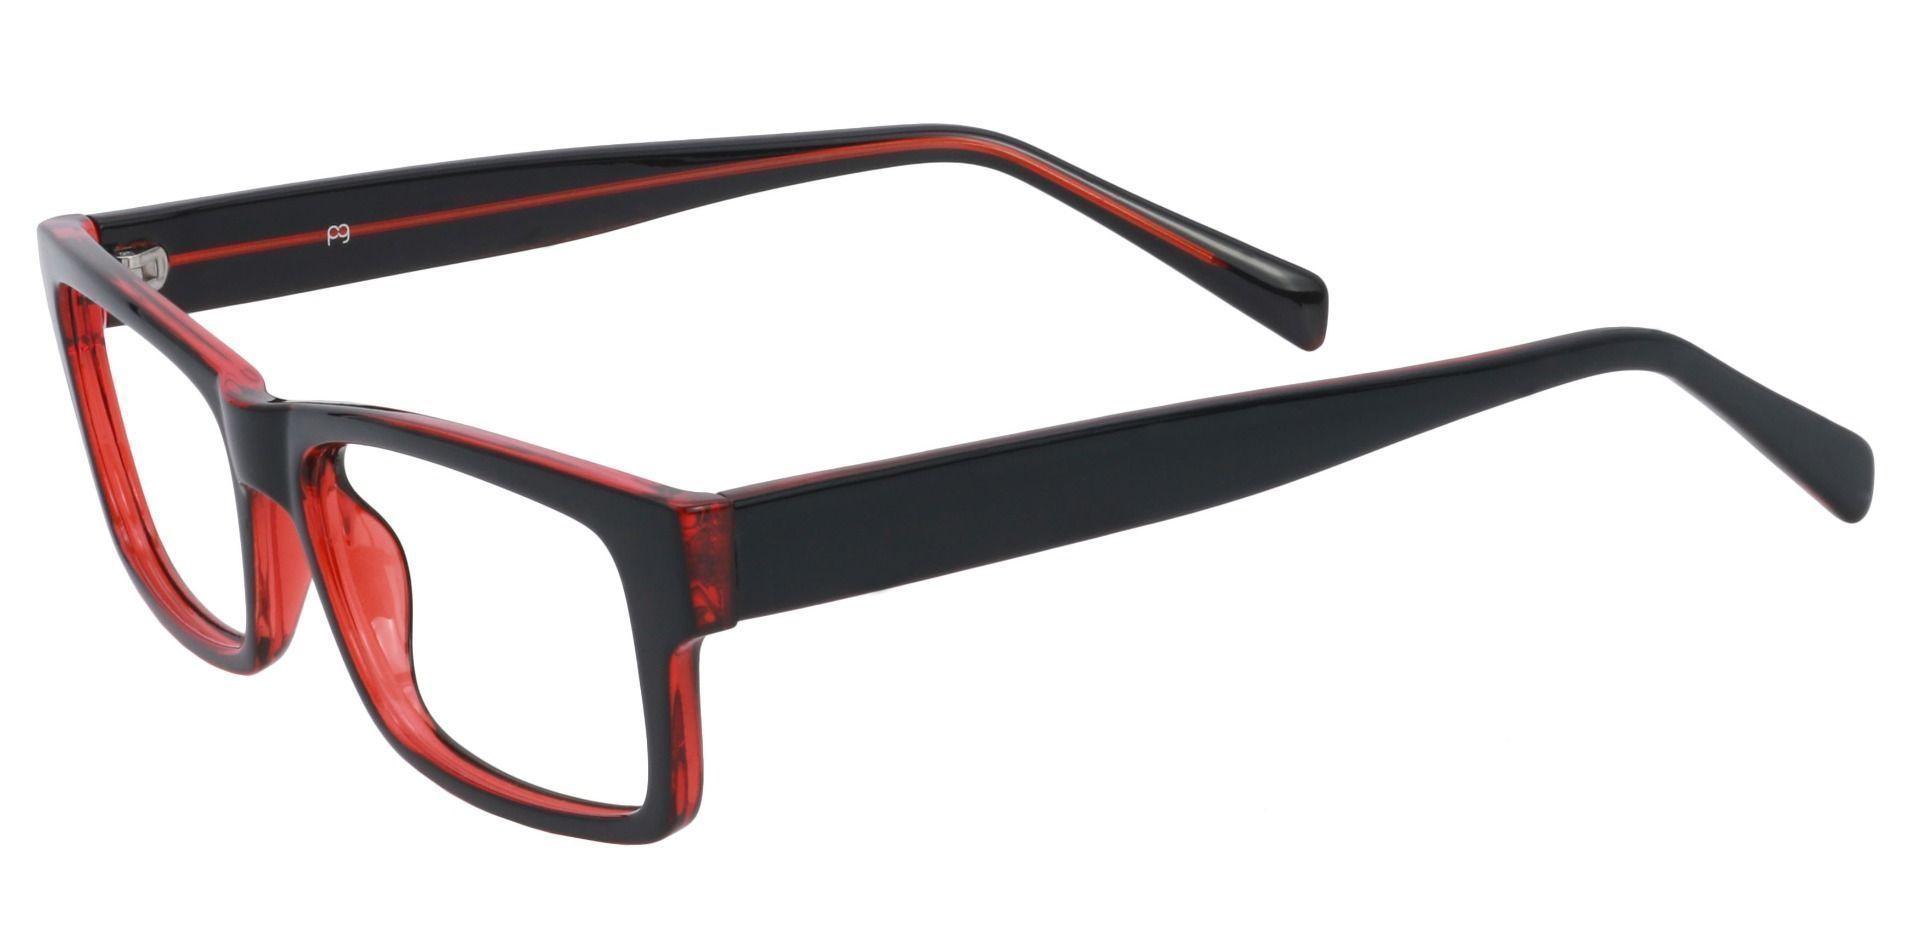 Eclipse Rectangle Prescription Glasses - Black/red